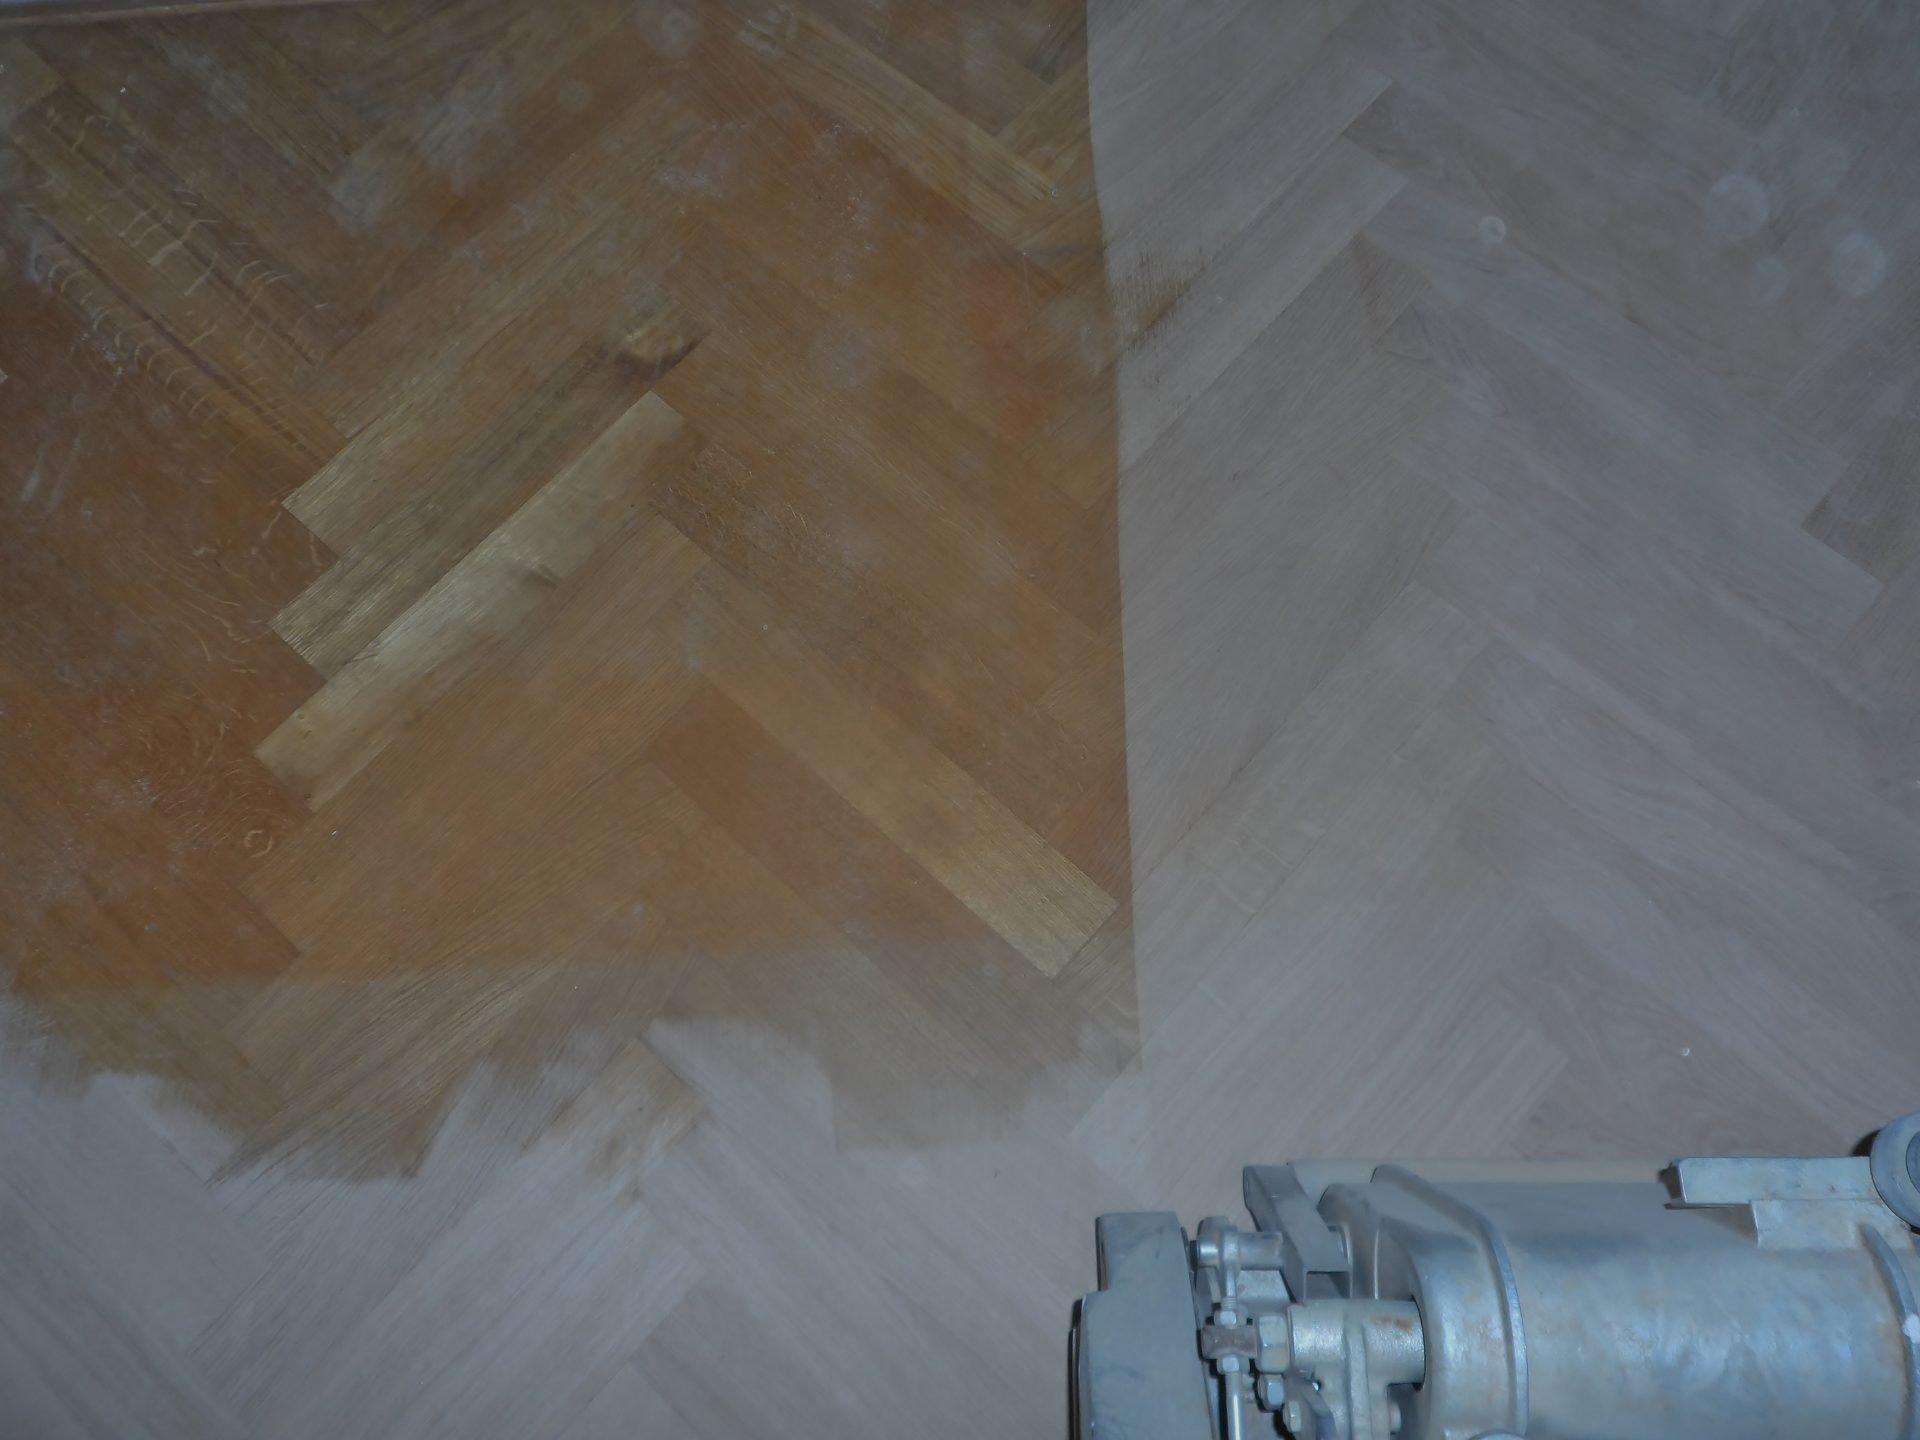 eiken-mozaiekvloer-schuren-rokeninkleuren-met-naturel-wit-en-afwerken-met-een-naturelle-olie-19